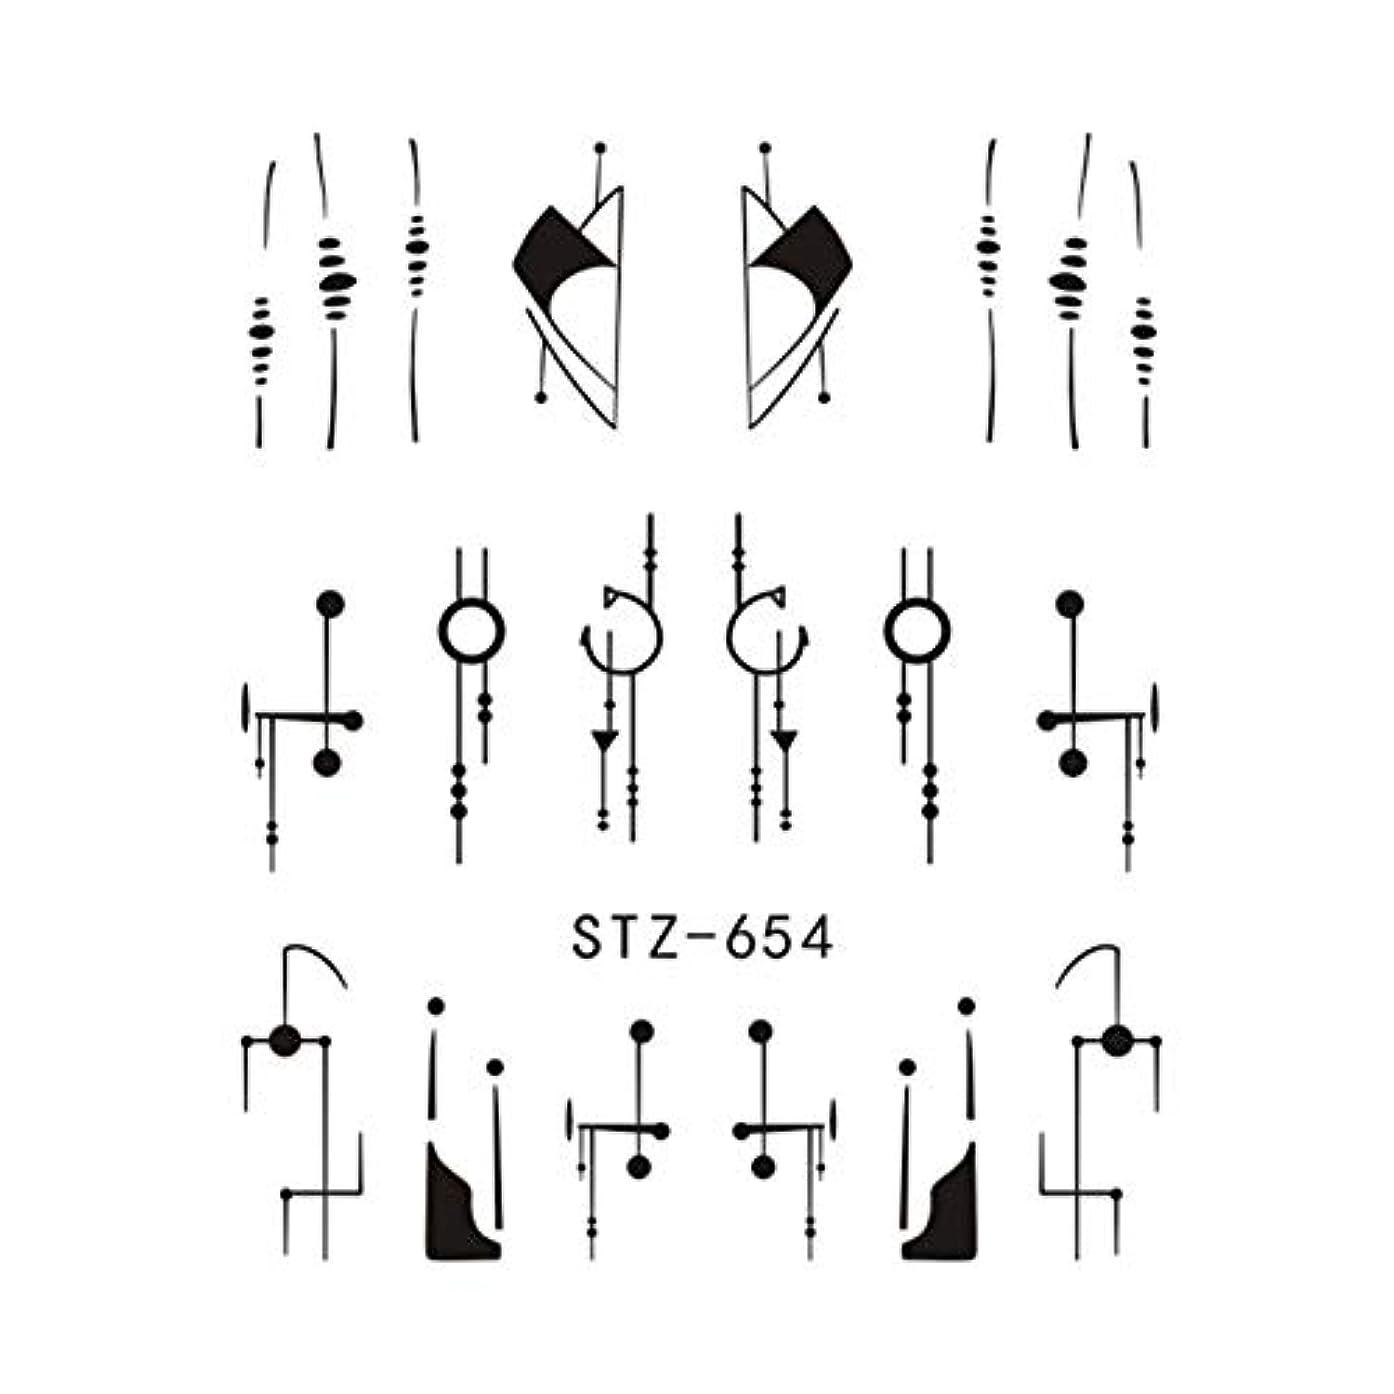 クライマックス二十常習的手足ビューティーケア 3ピースウォーターネイルステッカー漫画の動物中空デザインネイルデカール(STZ609) (色 : STZ654)